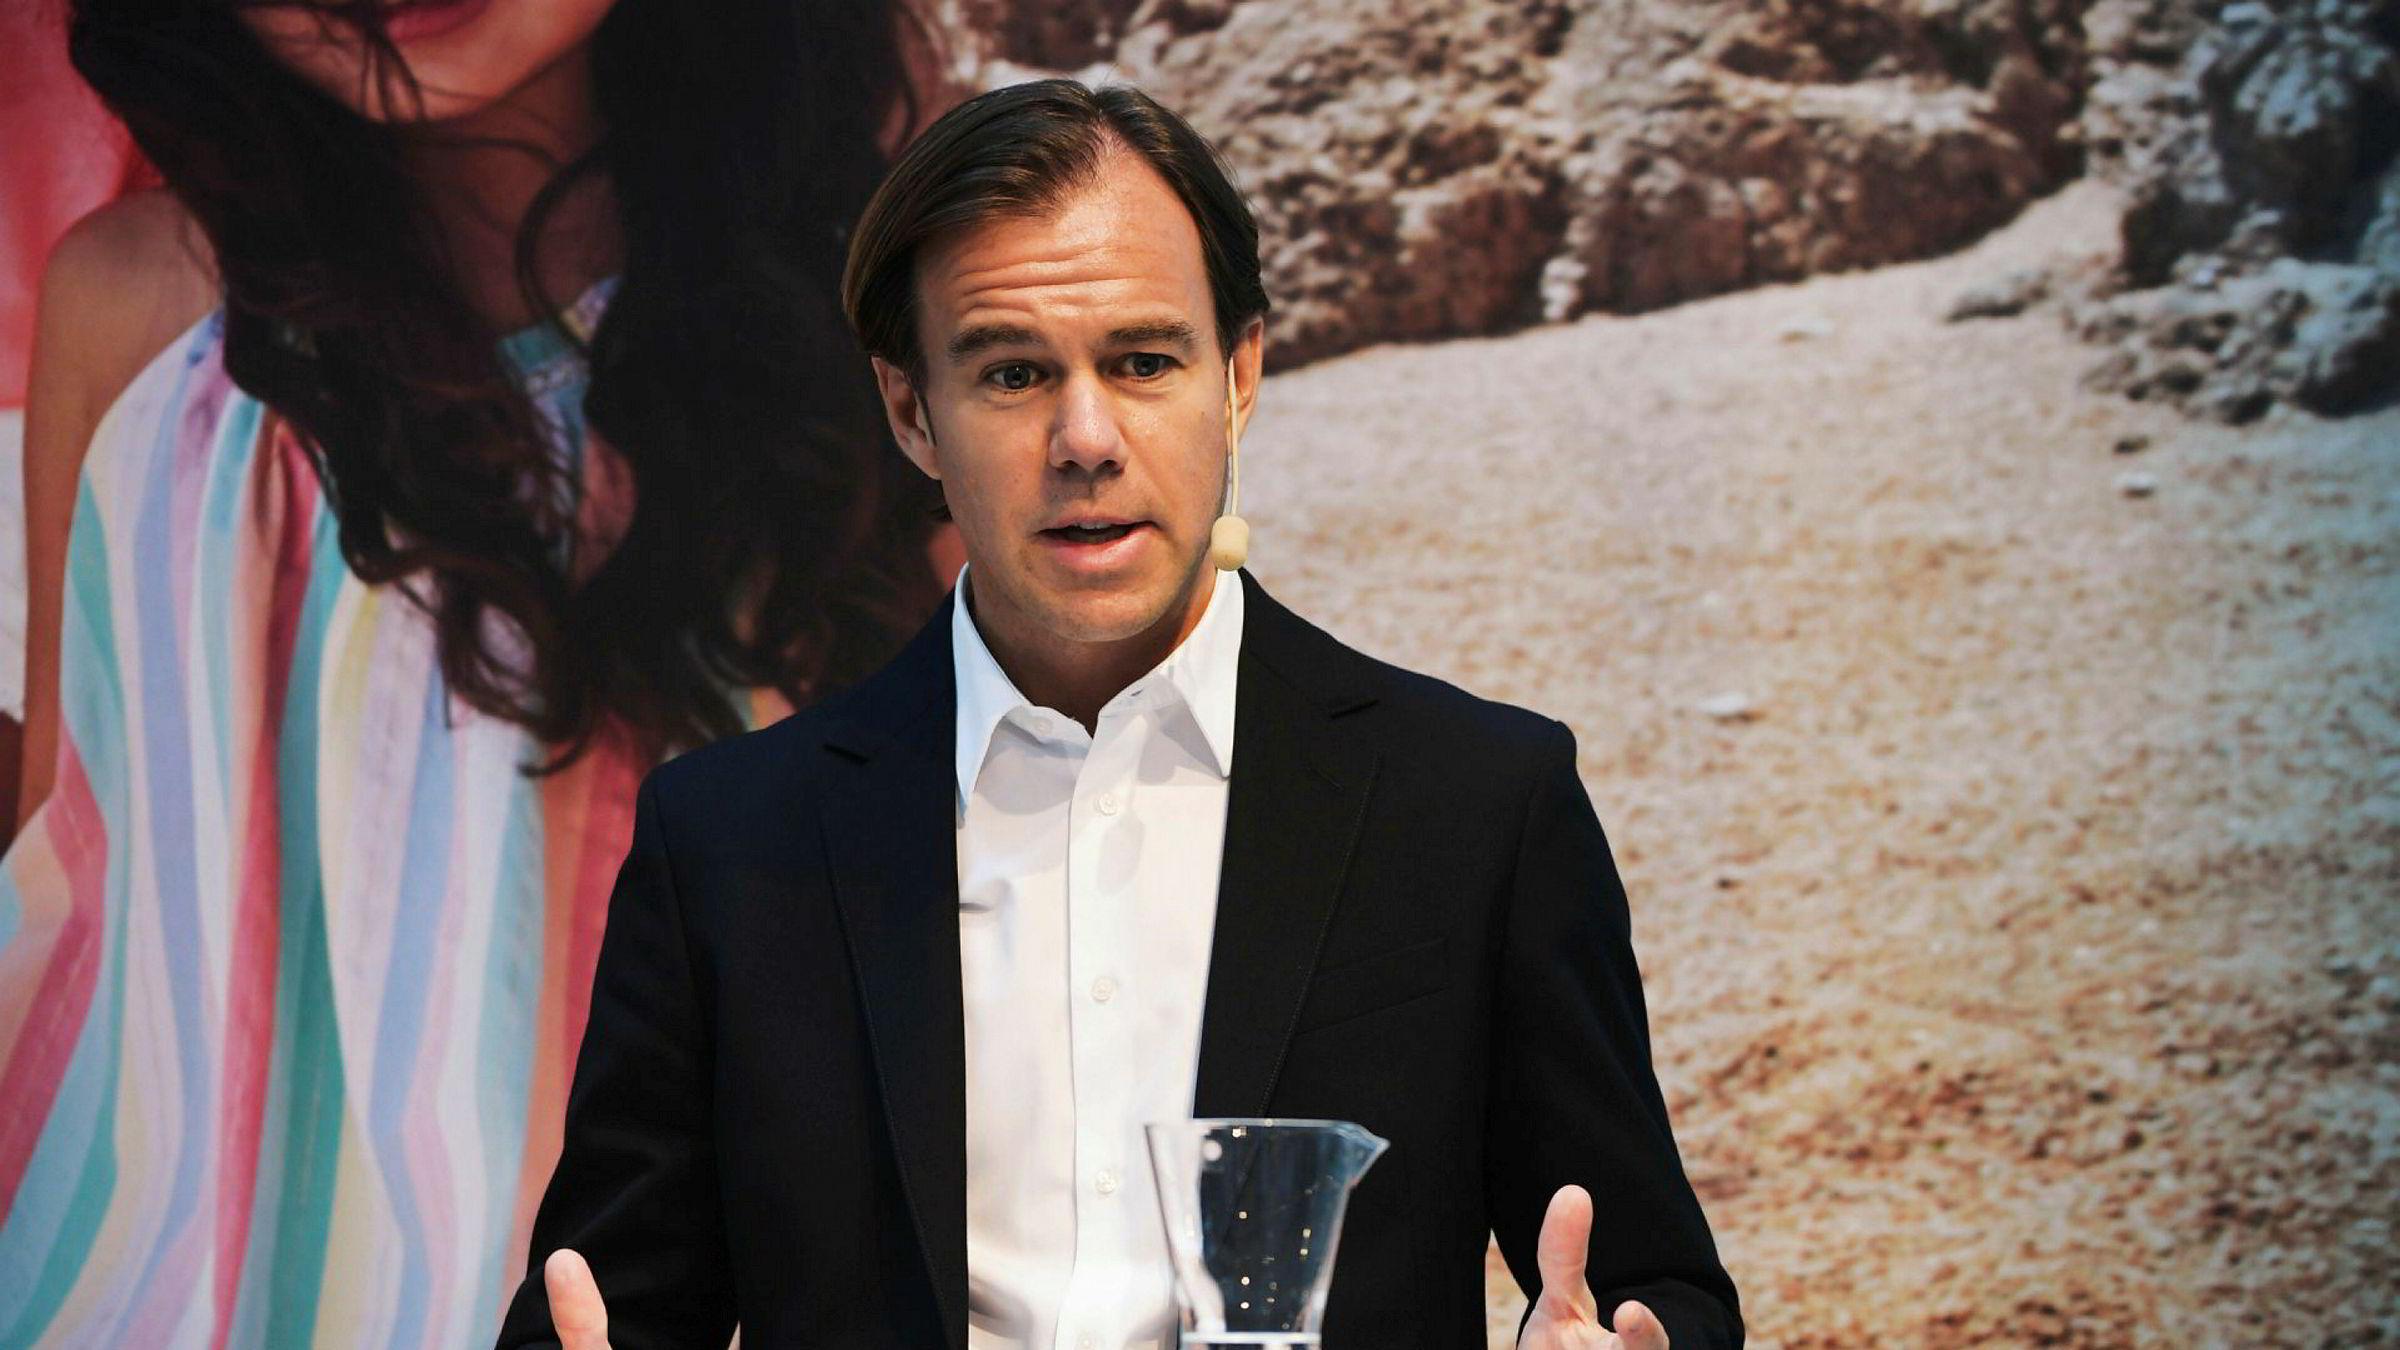 Konsernsjef Karl-Johan Persson i Hennes & Mauritz forteller at kleskonsernet er inne i en omstillingsfase, der selskapet jobber hardt for å løse en rekke utfordringer.